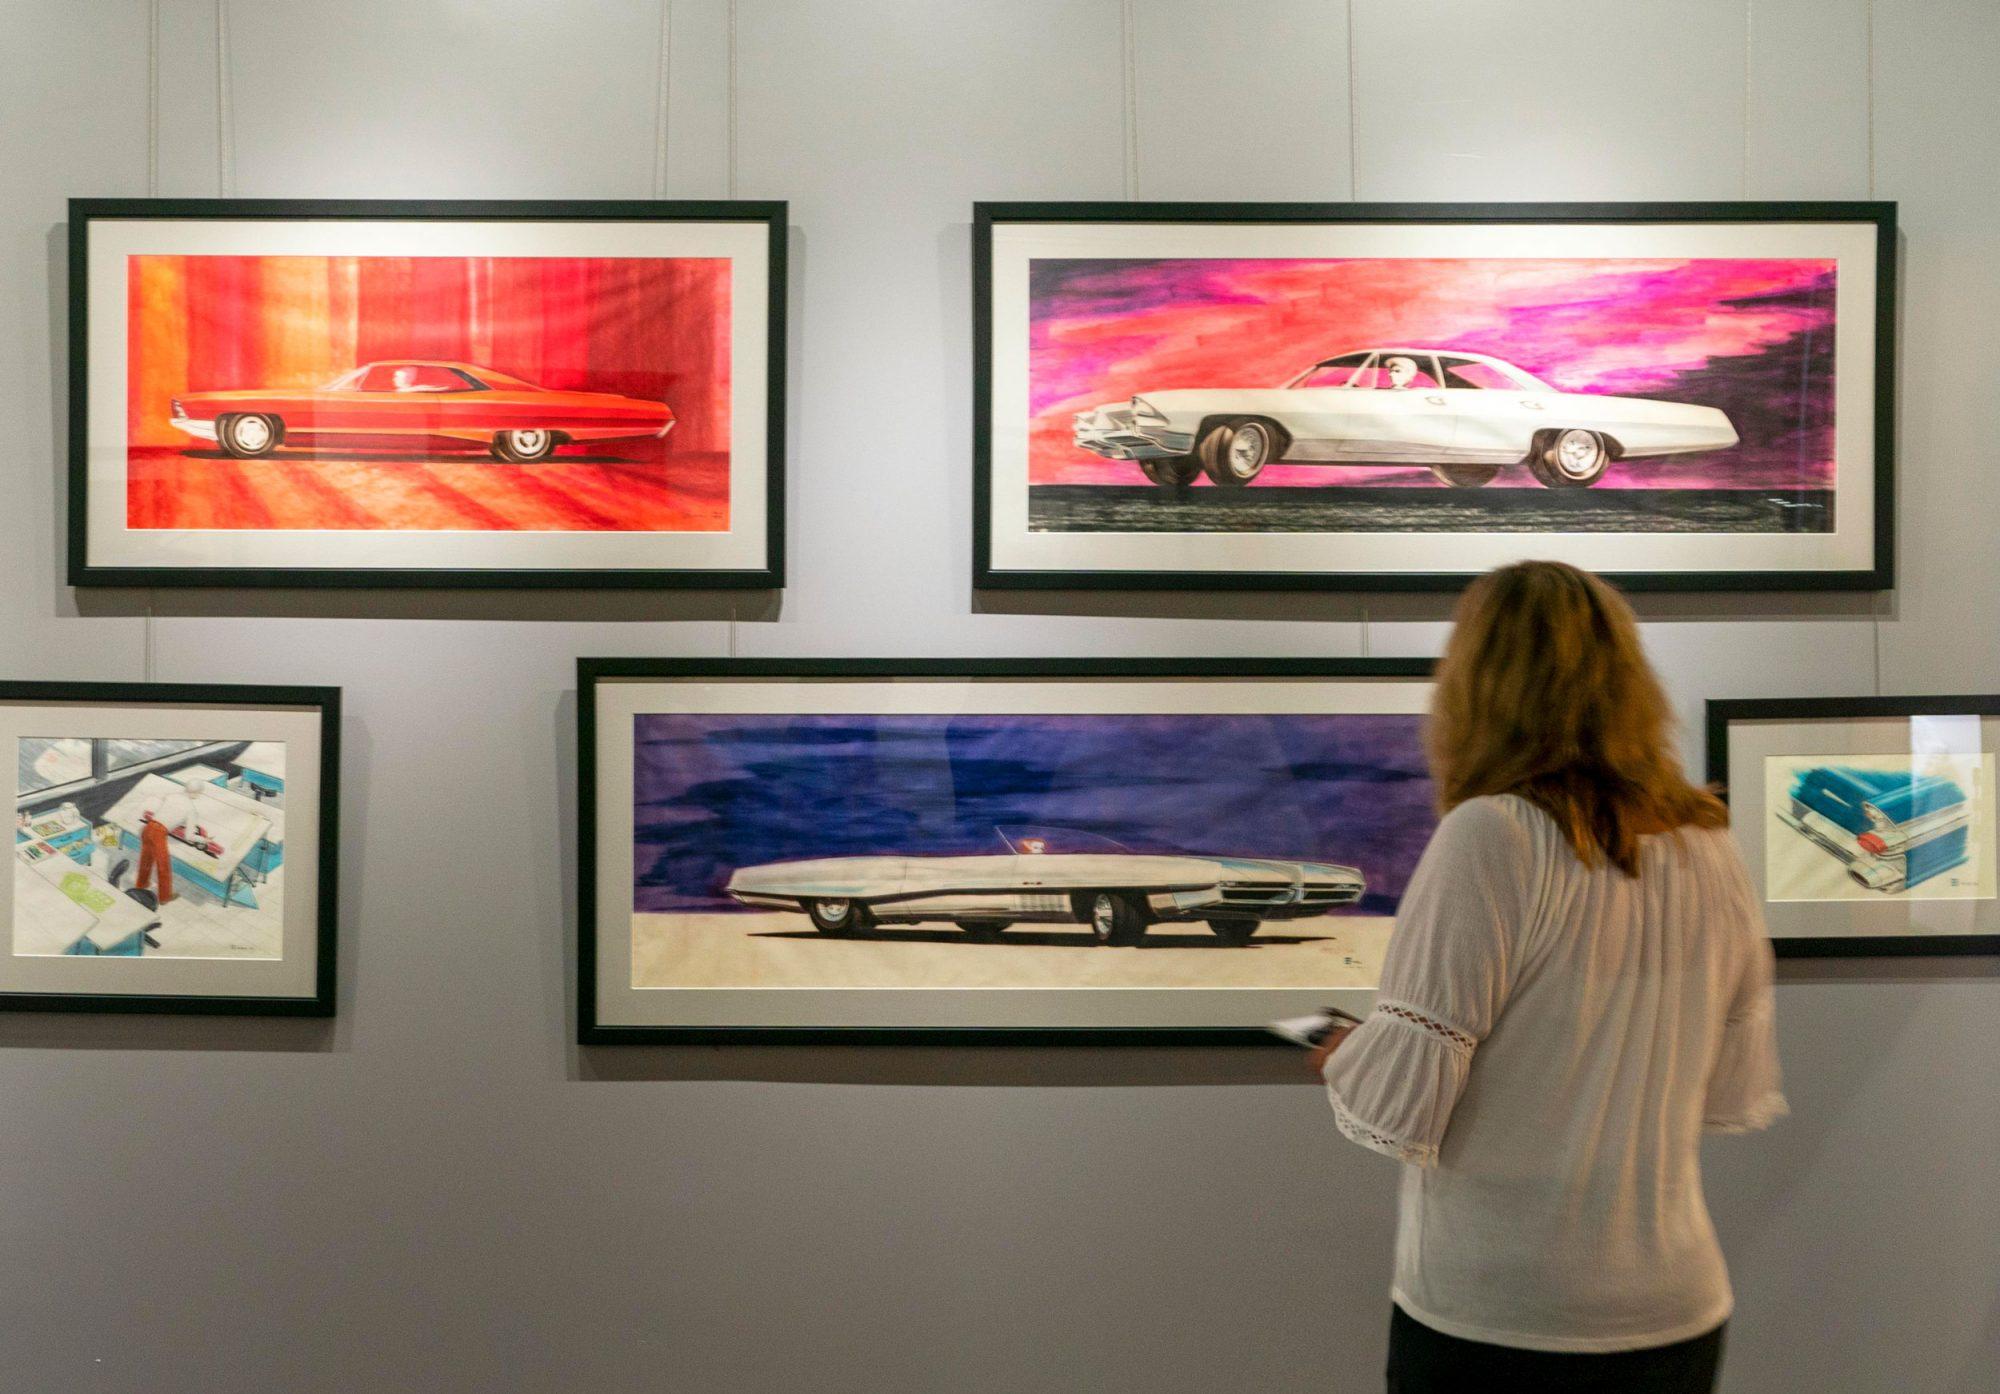 Pontiac-Oakland Automobile Museum, Pontiac